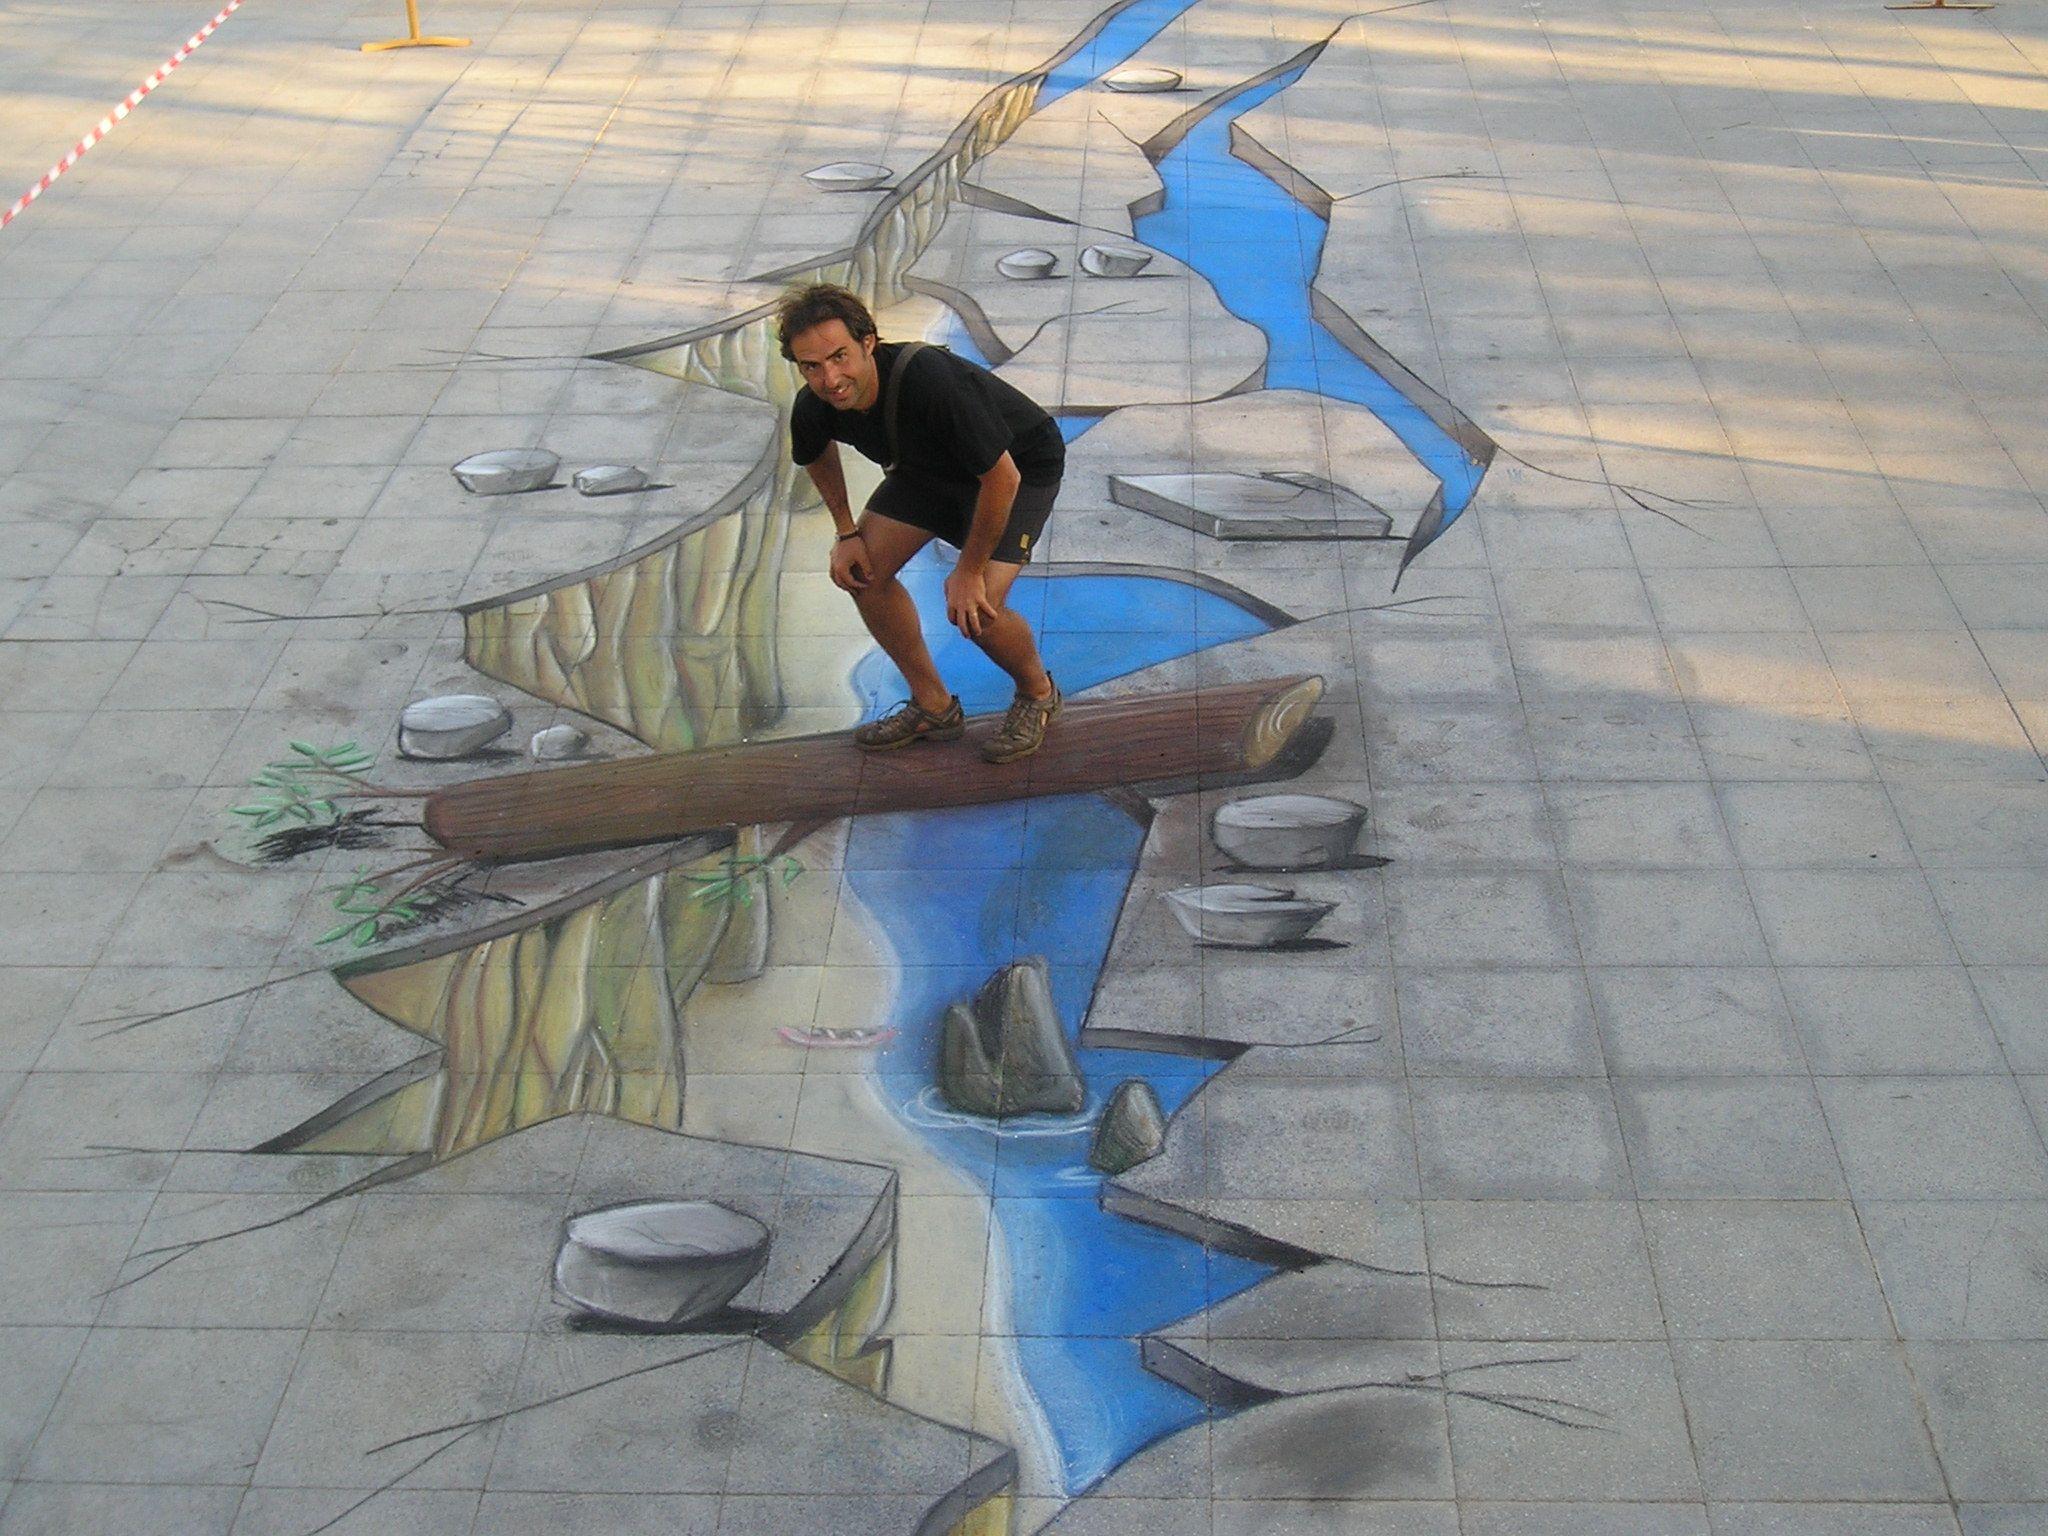 Dibujo hecho por Toni ortiz toni@estuditoniortiz.com